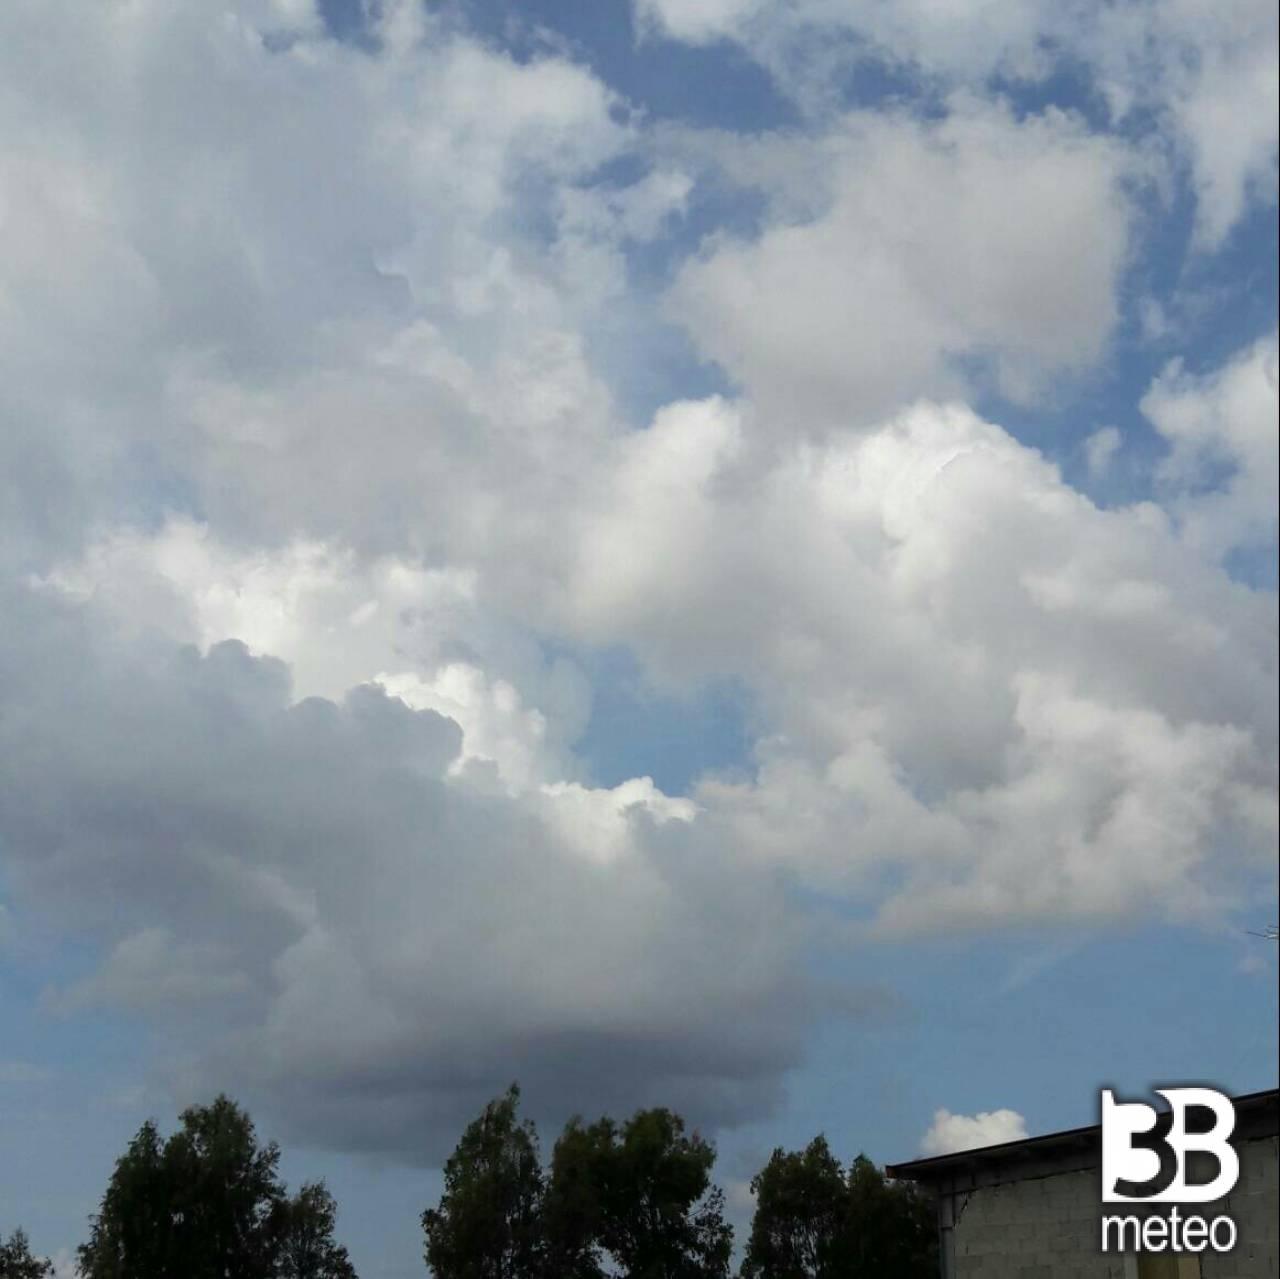 Meteo Andria: bel tempo lunedì, variabile martedì, bel tempo mercoledì - 3bmeteo